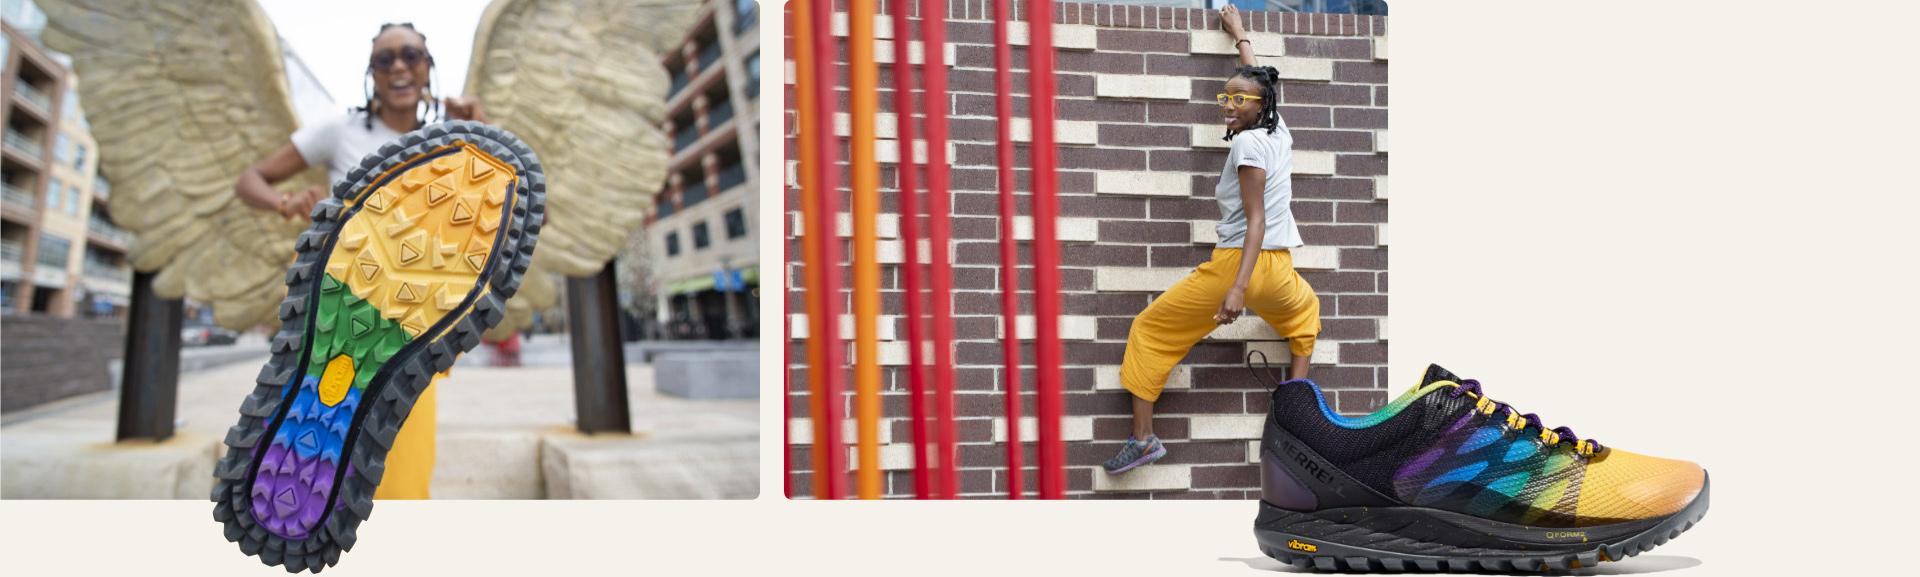 Climbing up a brick wall.